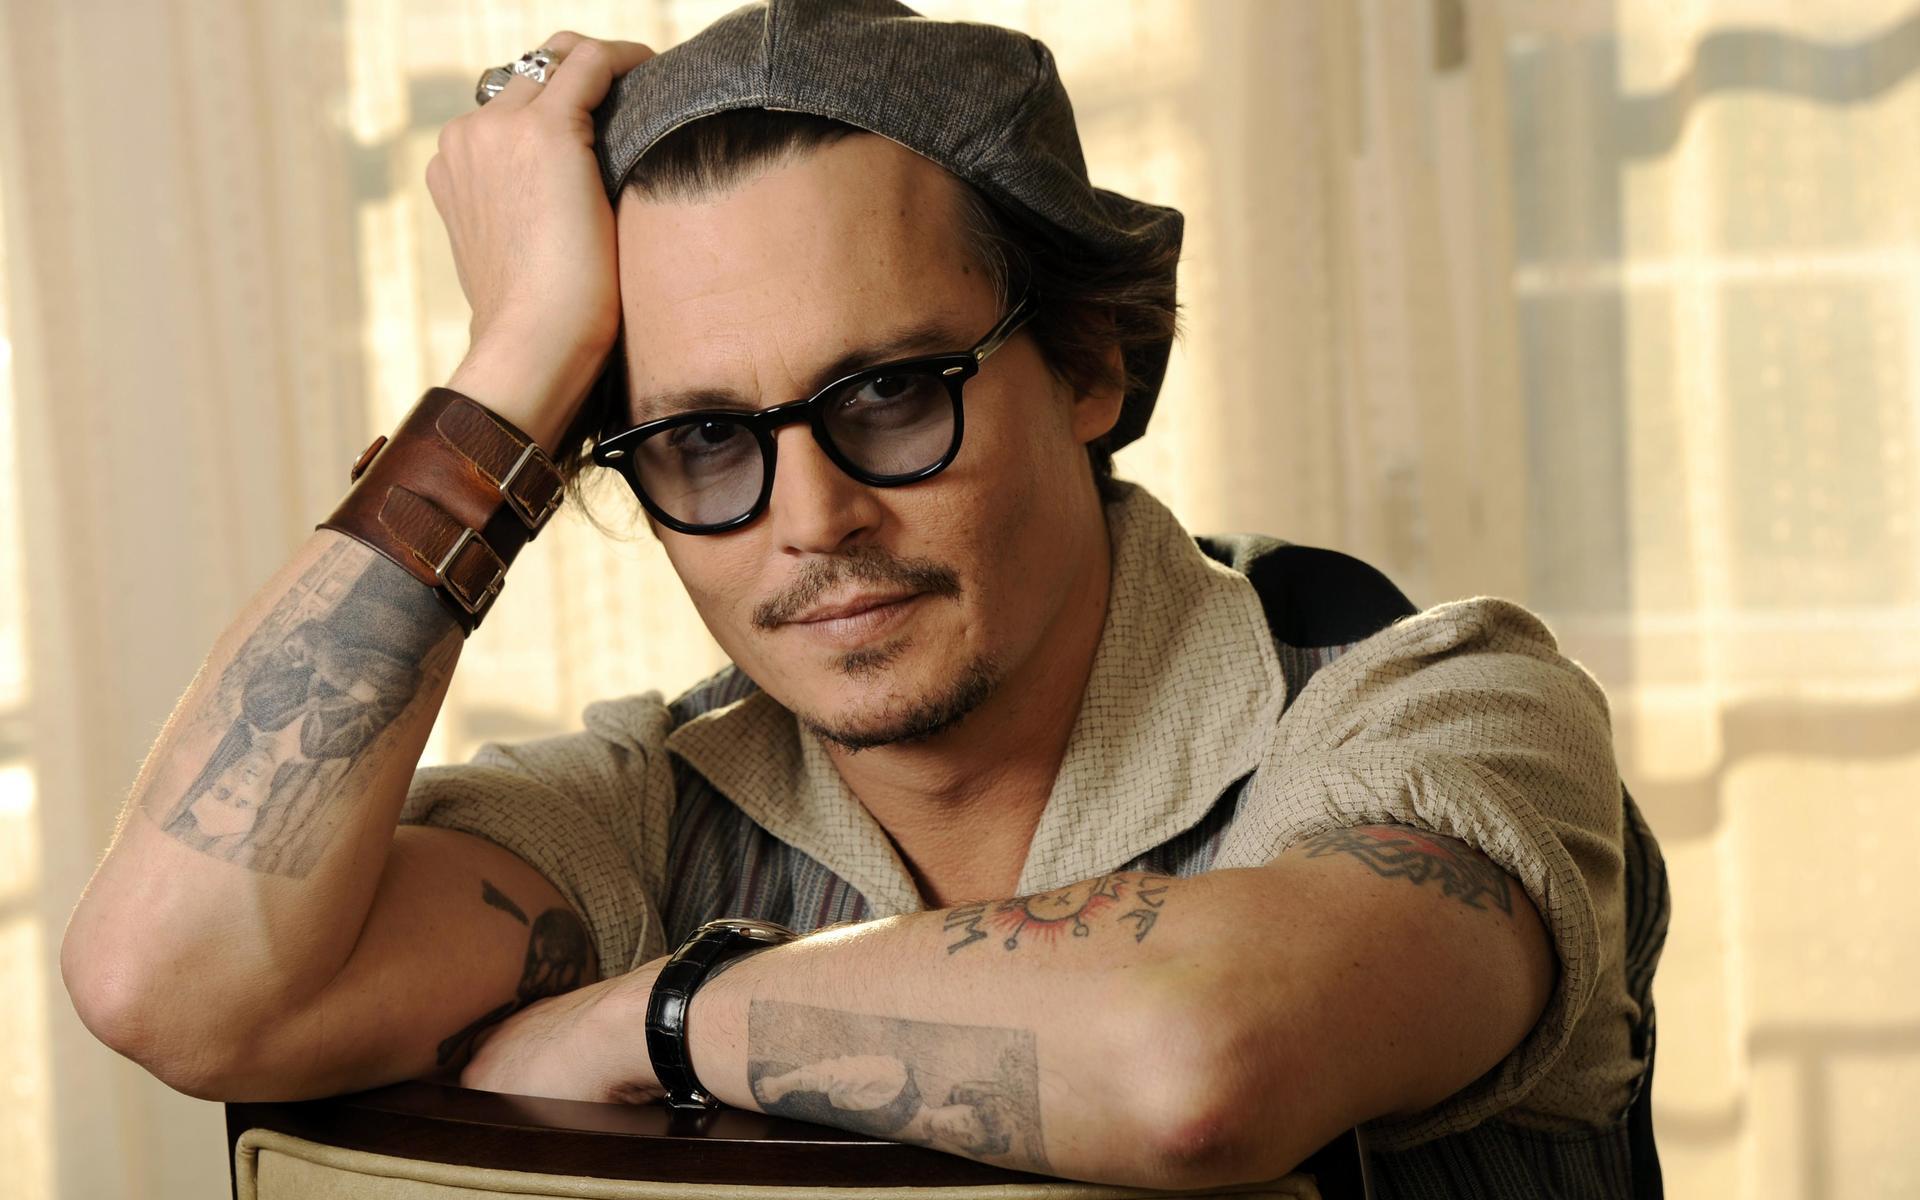 Johnny Depp Sets Up Don Quixote Film At Disney, Sans Terry